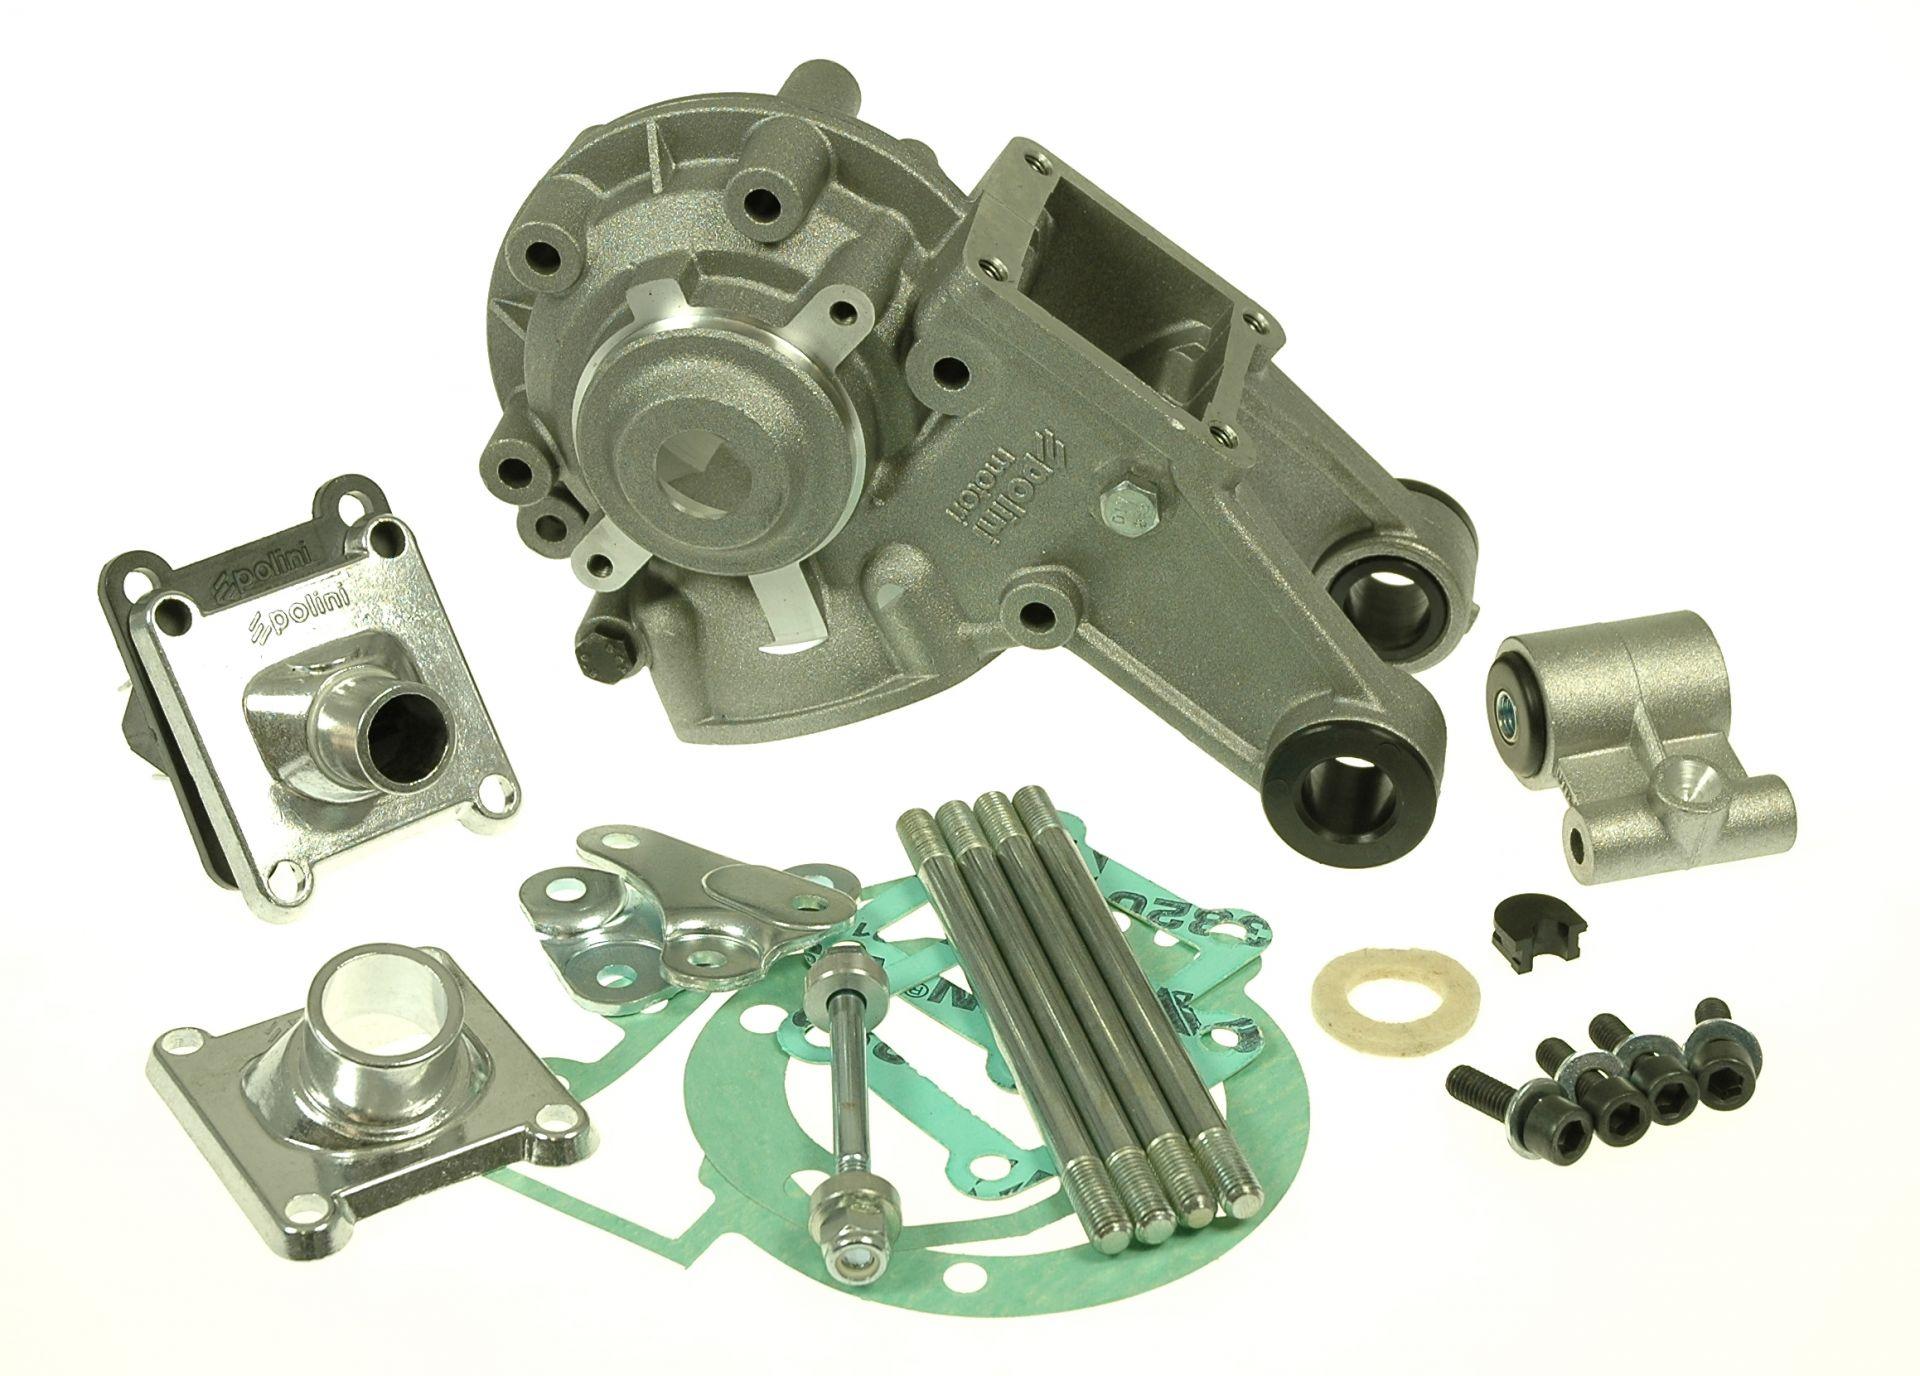 Carter Moteur Nu Polini Peugeot 103 SPX-RCX (support intégré)